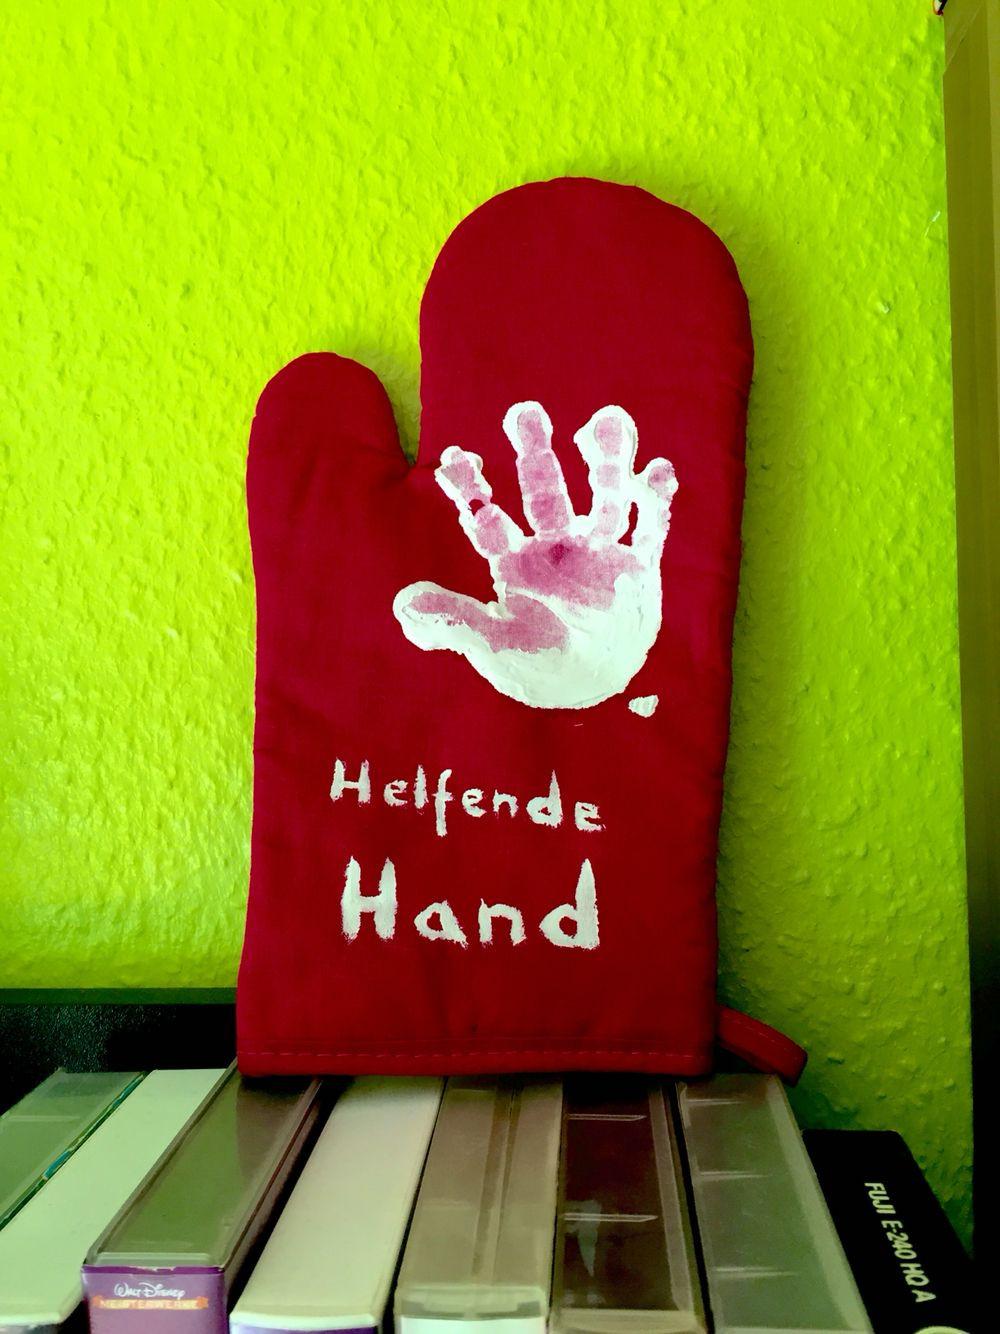 Geschenke Für Eltern Basteln  Helfende Hand enhandschuh Basteln mit Kindern